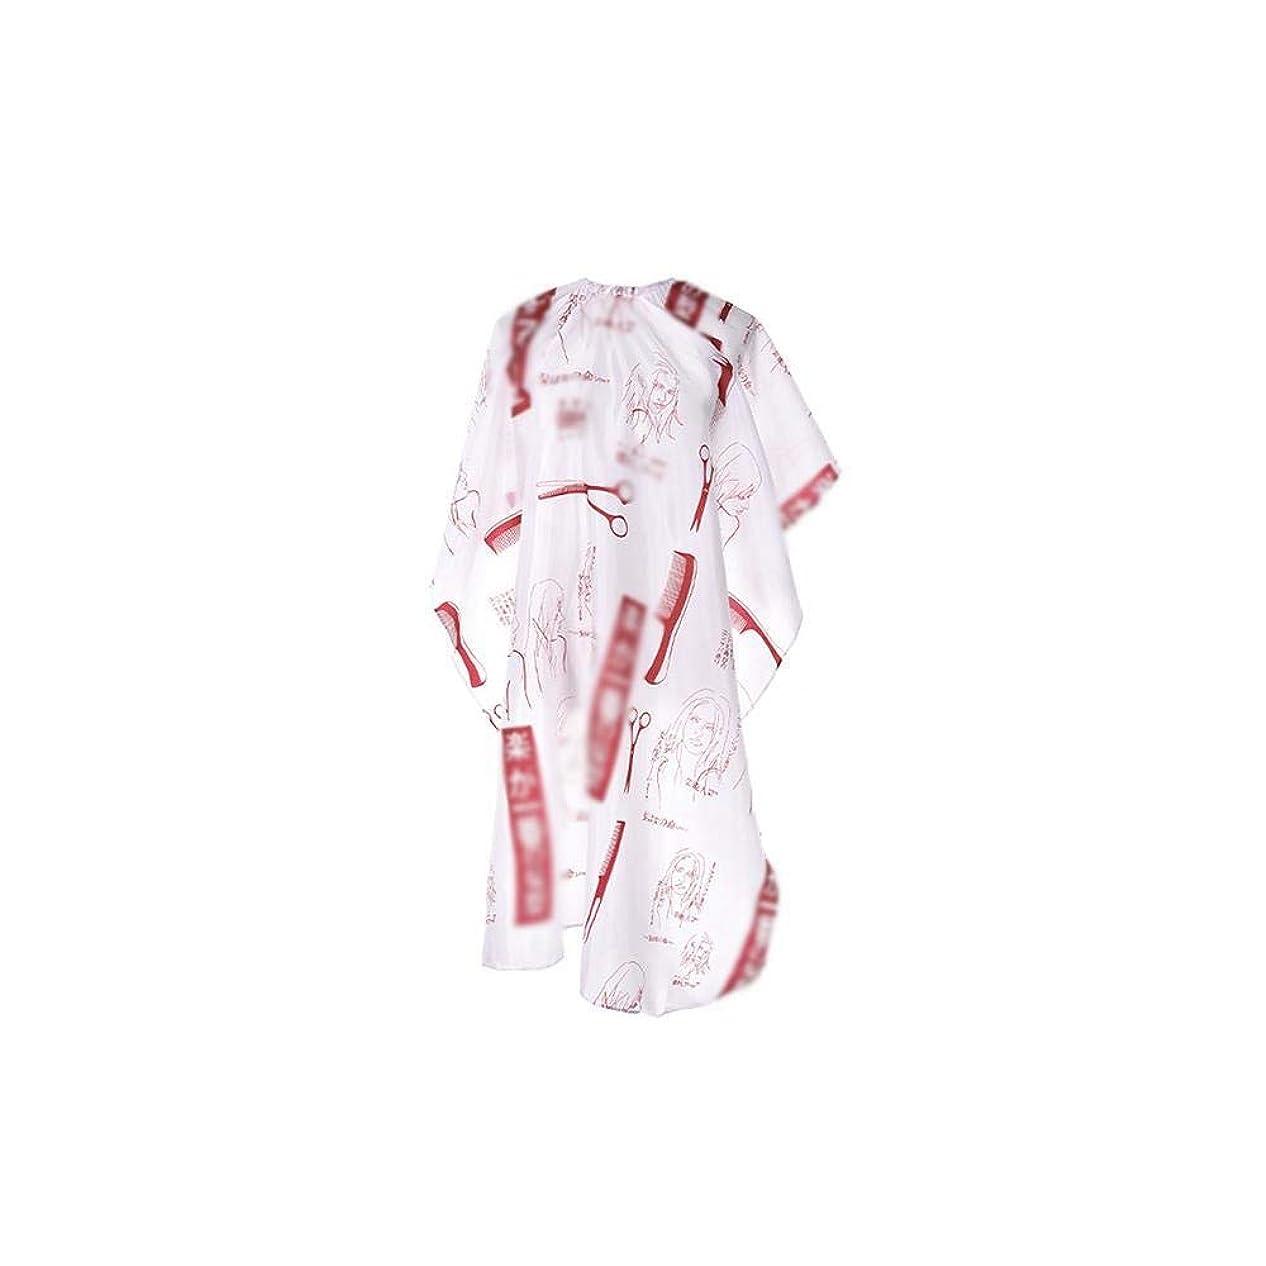 処方するかすかな中央値Nekovan サロン理髪岬ナイロンスモック防水ロングドレス化粧ひげトリミングマント (色 : レッド)